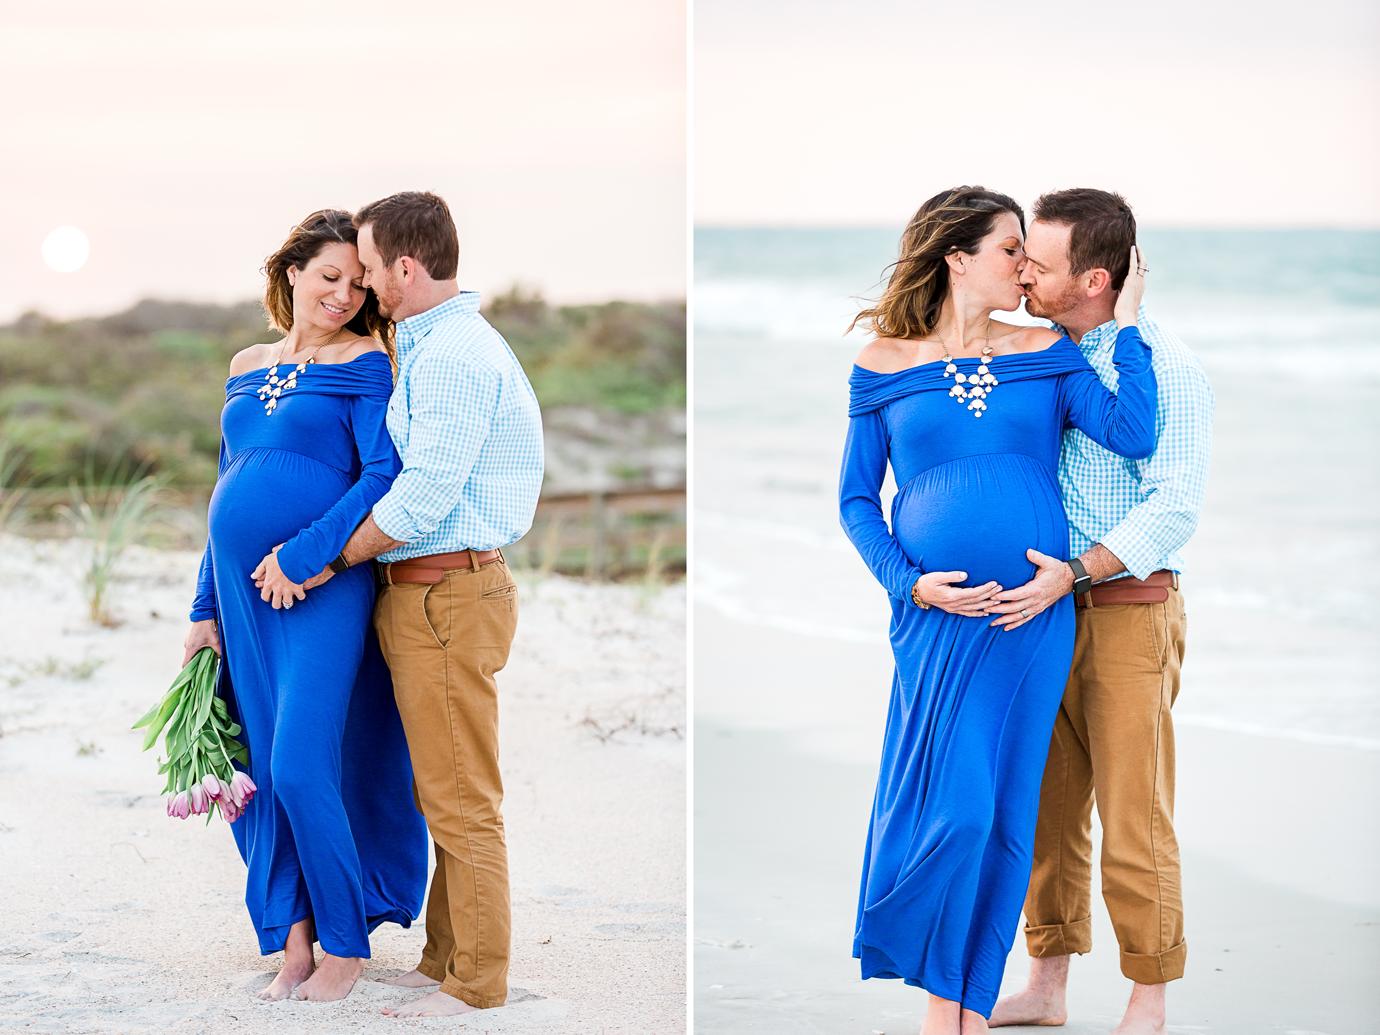 sunset maternity session in Hanna park, Jacksonville FL